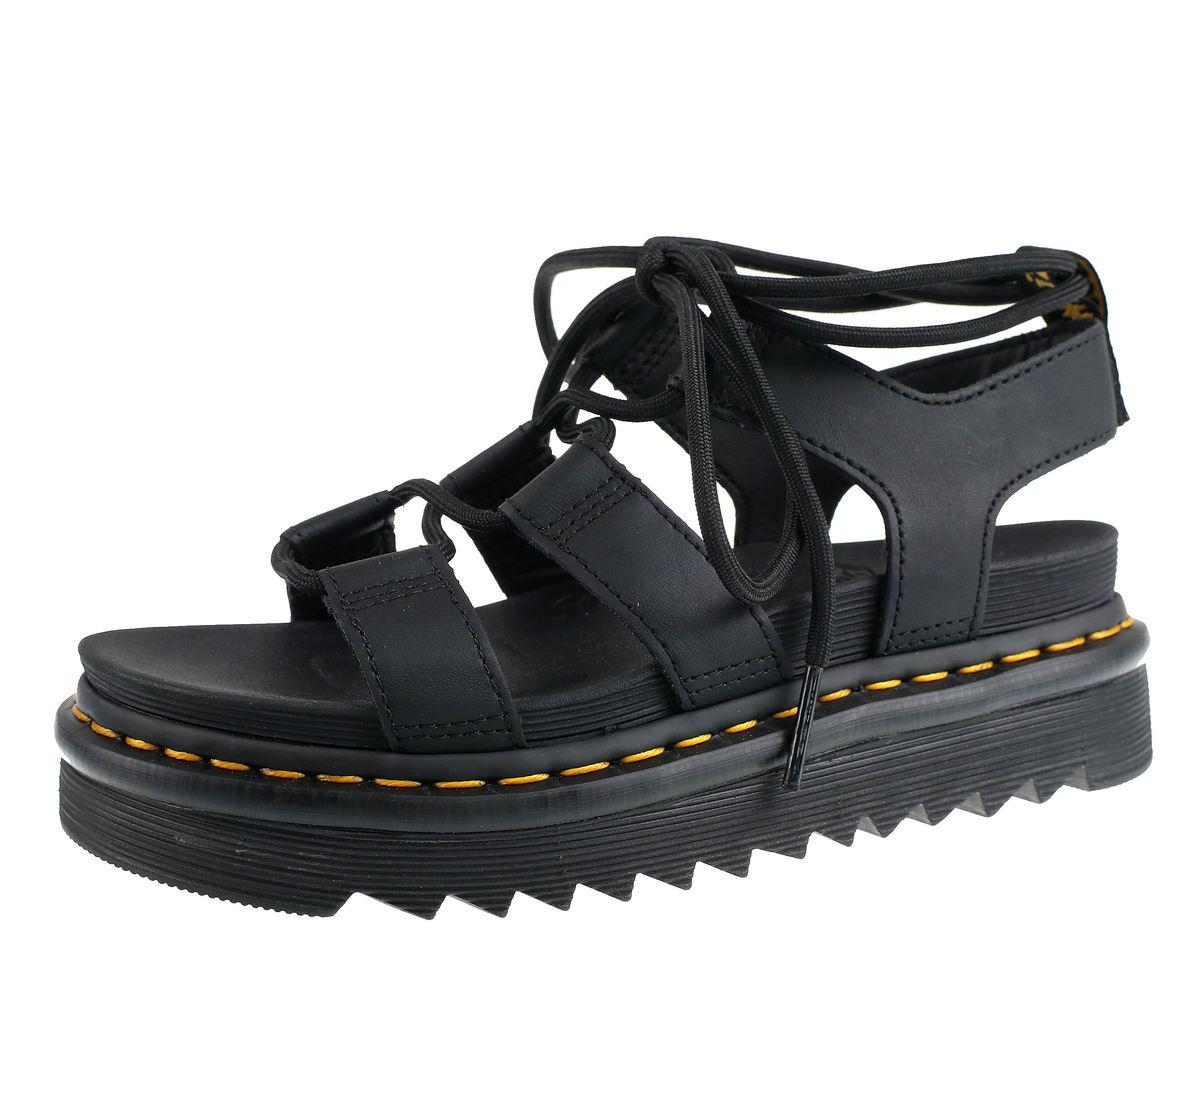 sandále dámske DR.MARTENS - NARTILLA BLACK - DM24641001